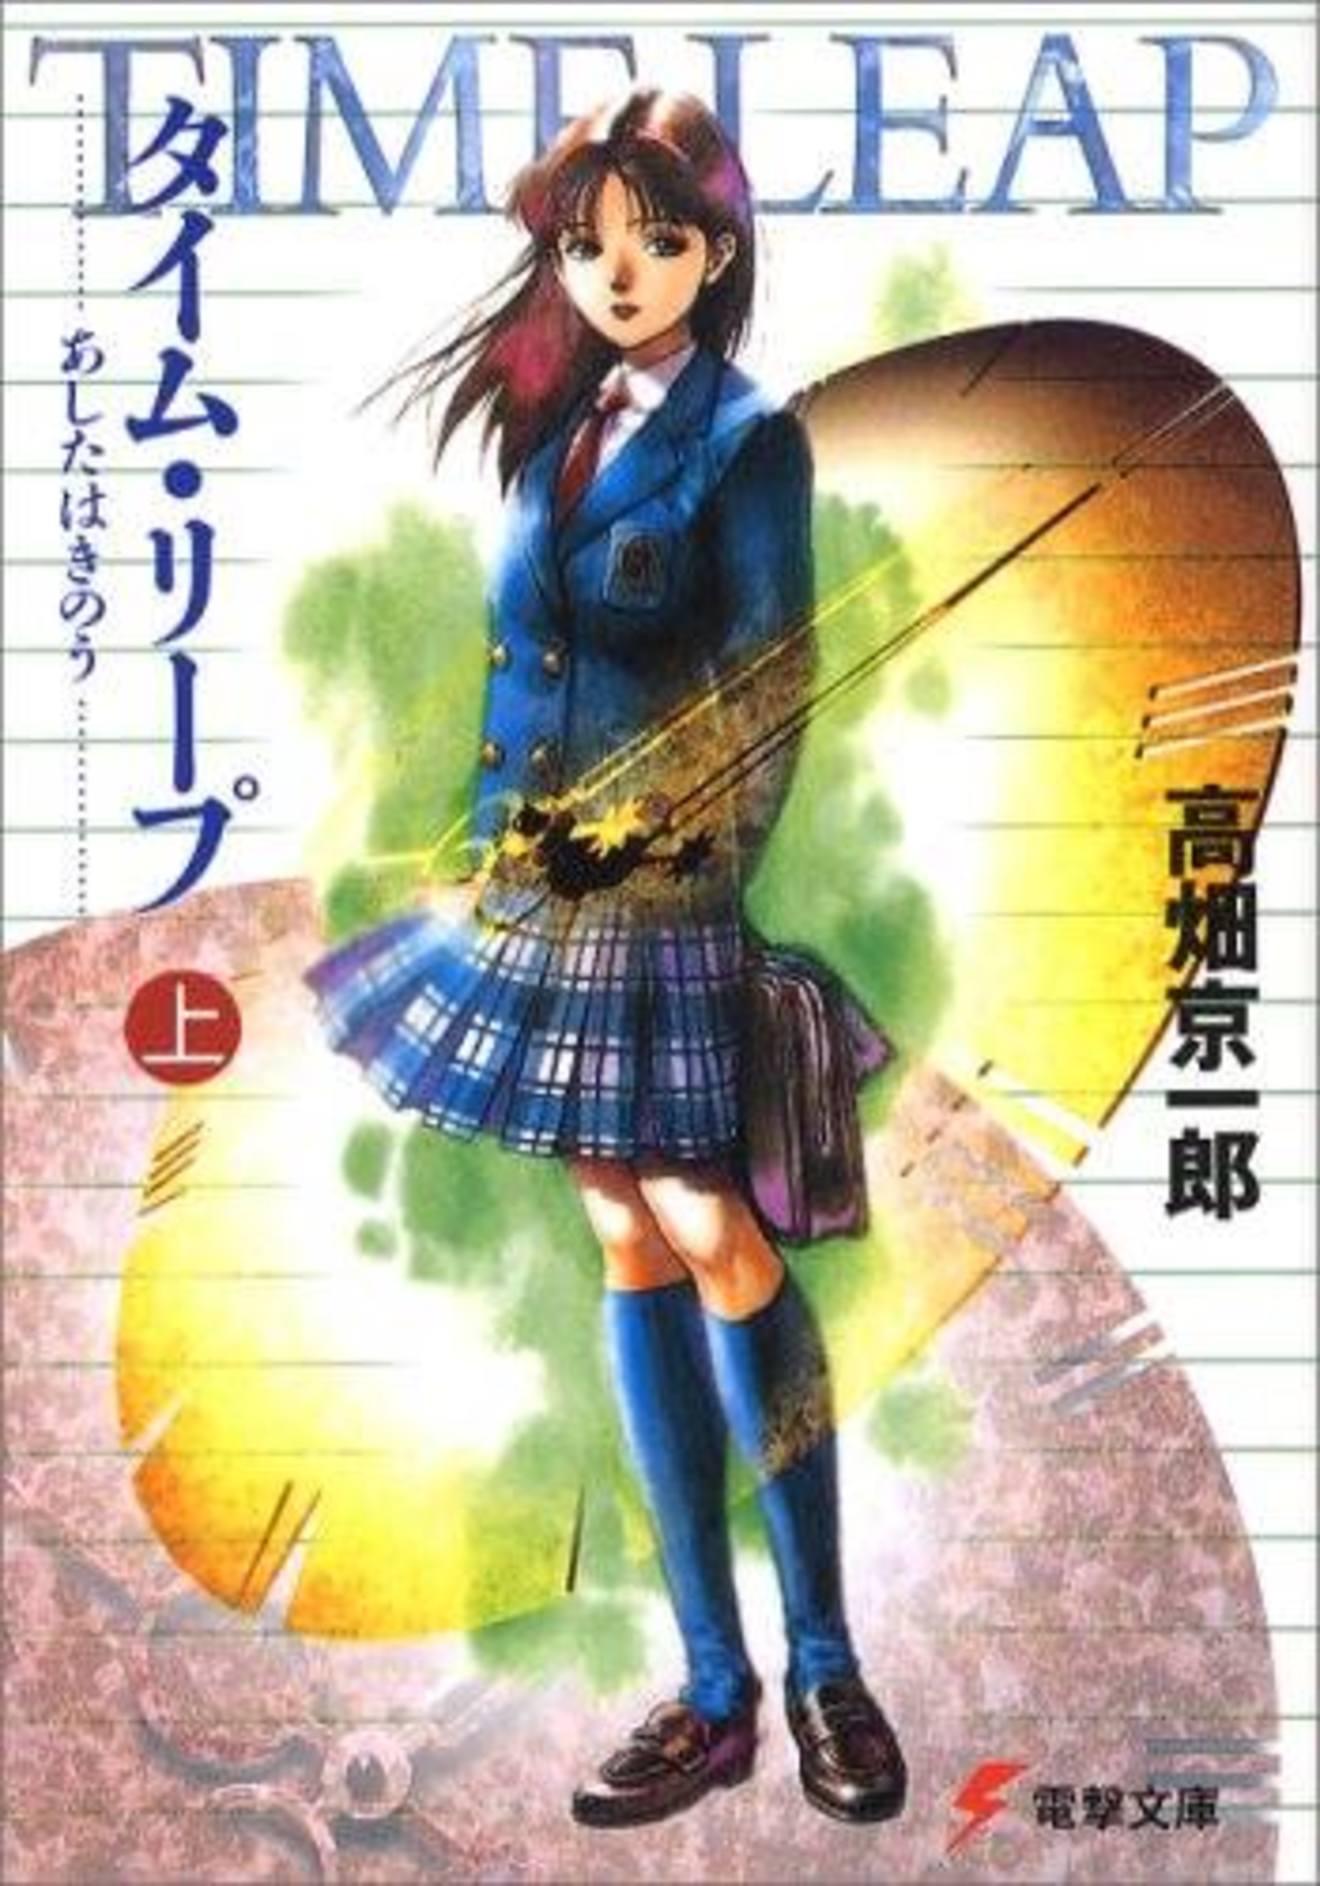 結局一番面白いラノベは高畑京一郎『タイム・リープ』【僕が小説を読む理由】